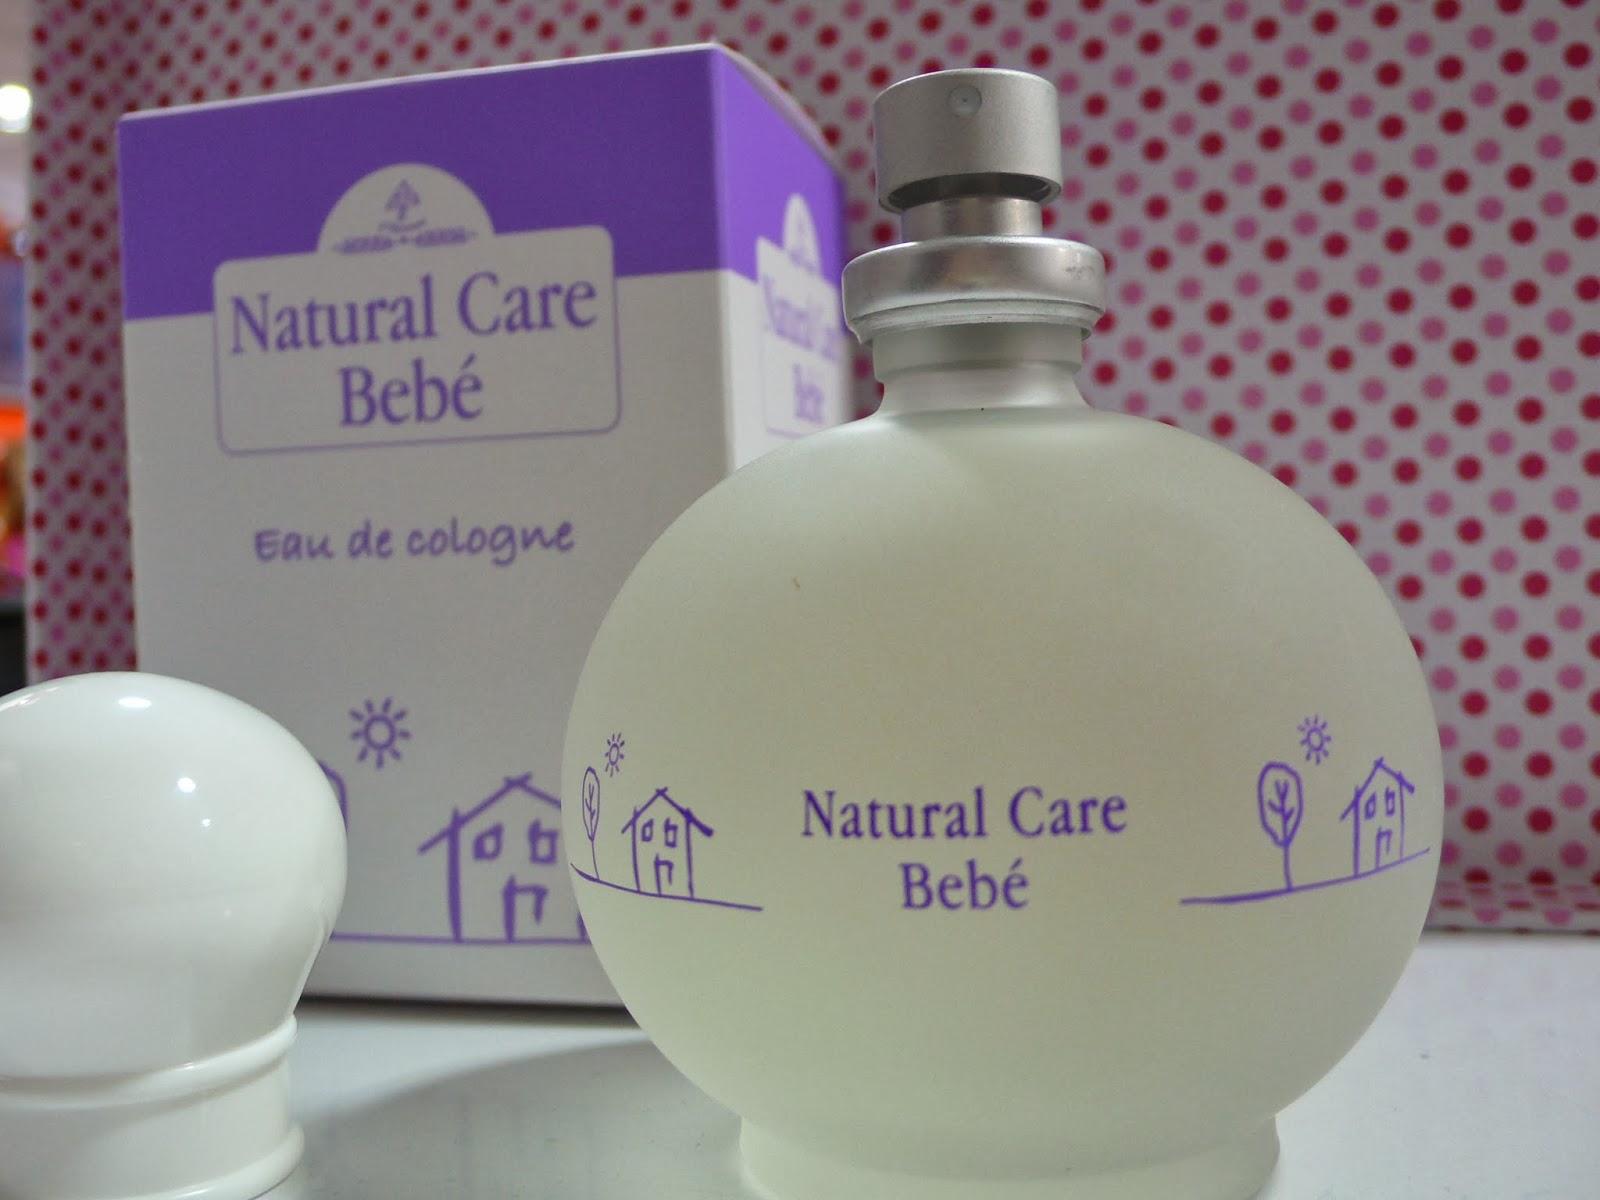 www.dermopharmacieparfums.com